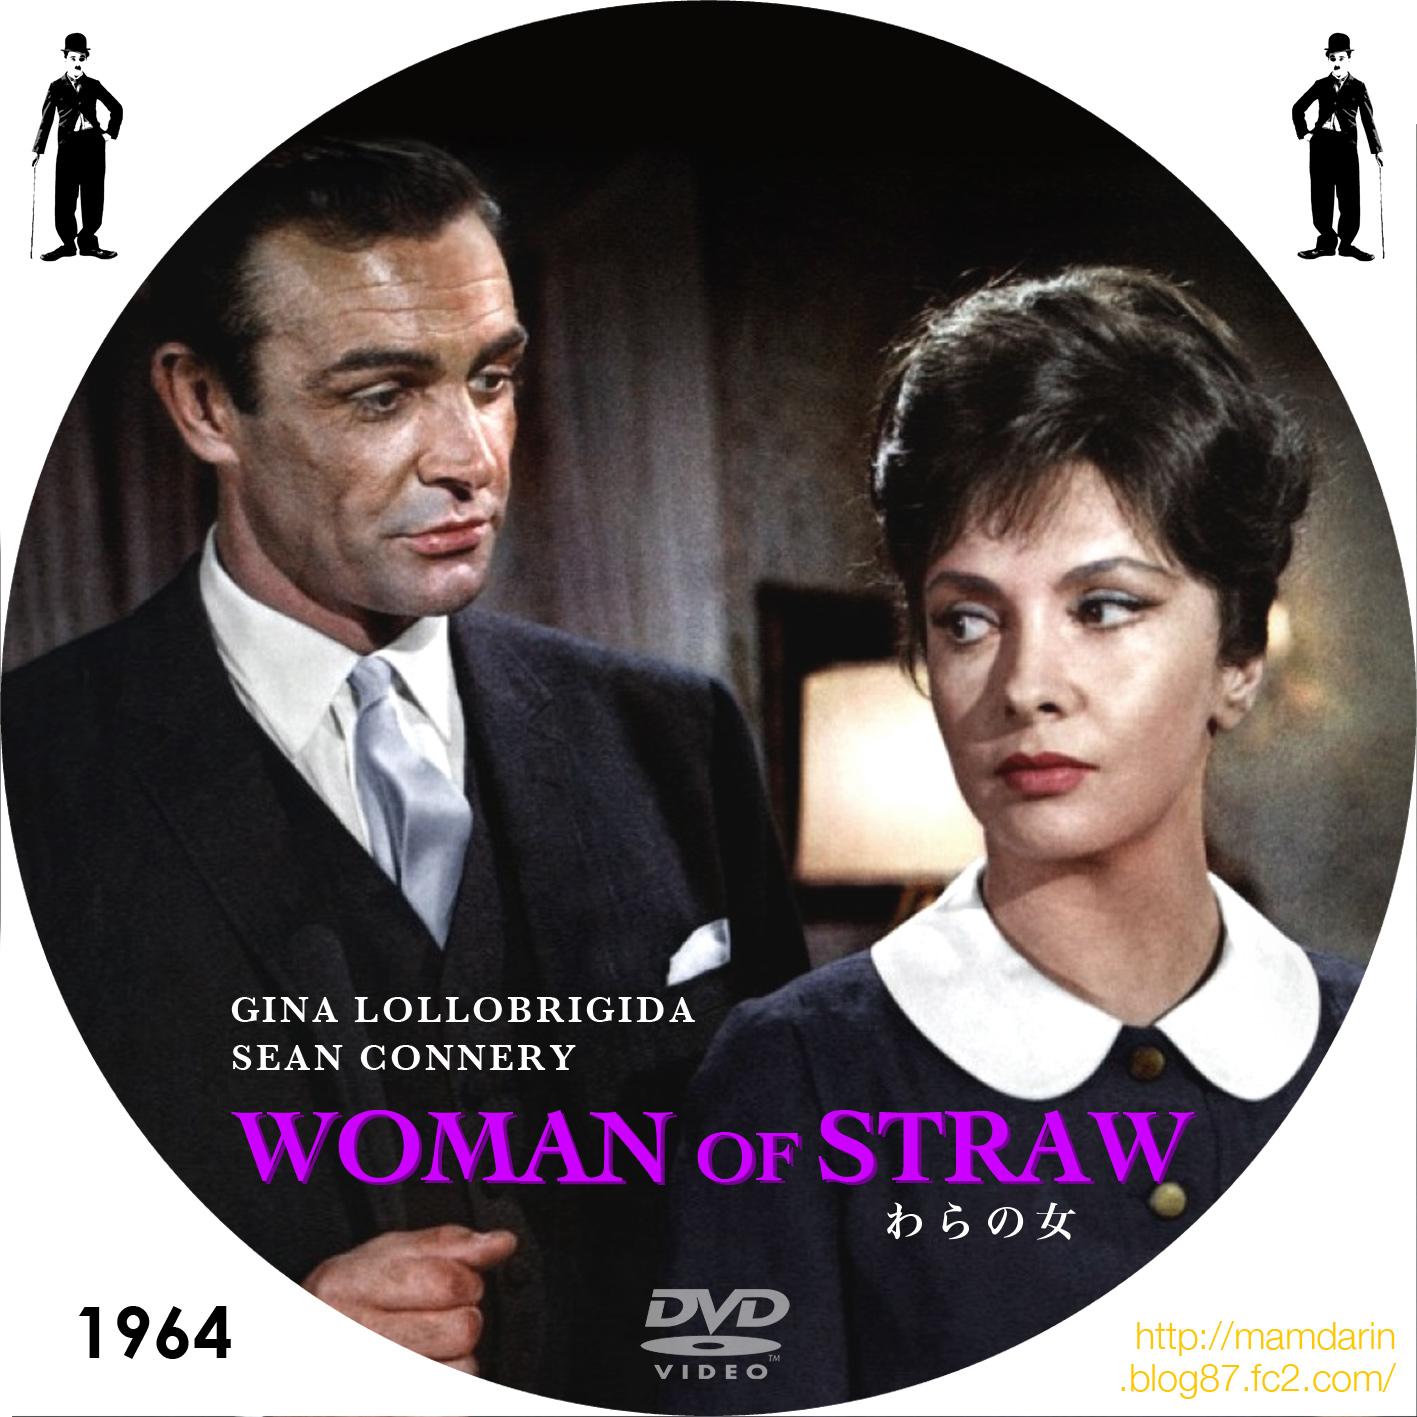 わらの女」 Woman of Straw(1964) - 美しき女たち男たち